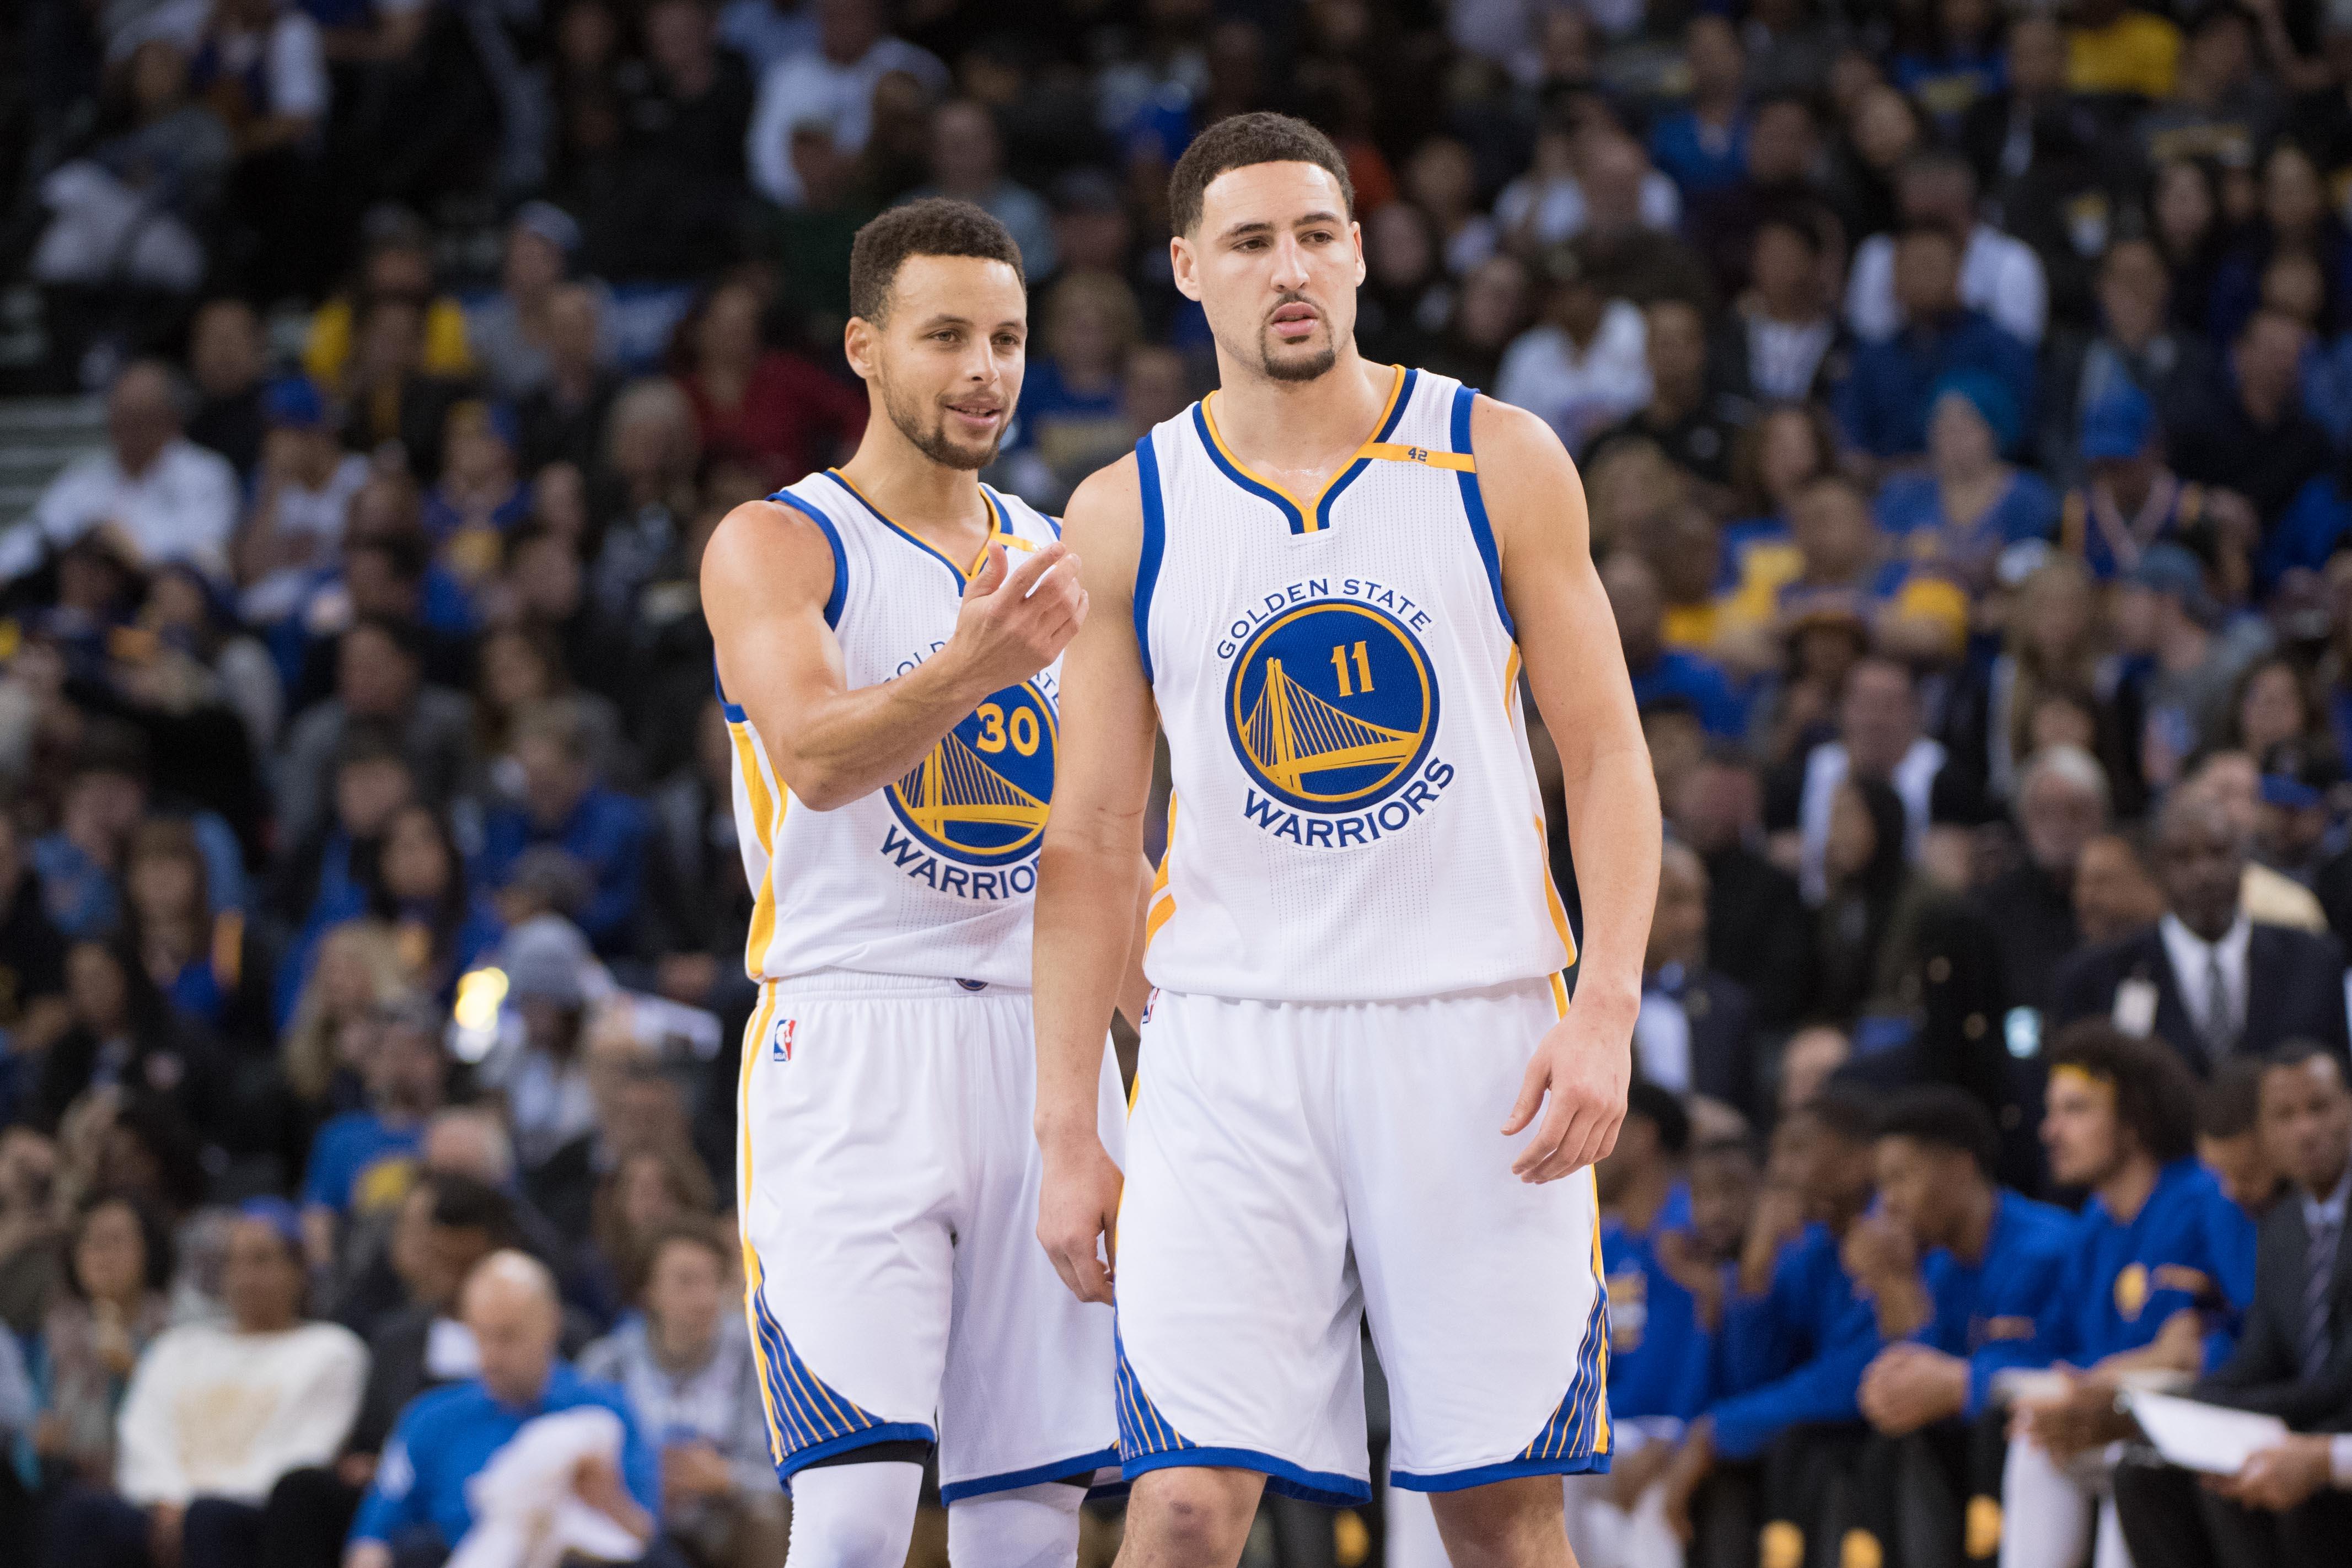 下賽季聯盟有多恐怖?浪花復出厄杜合體,NBA將迎來一次徹底大洗牌!